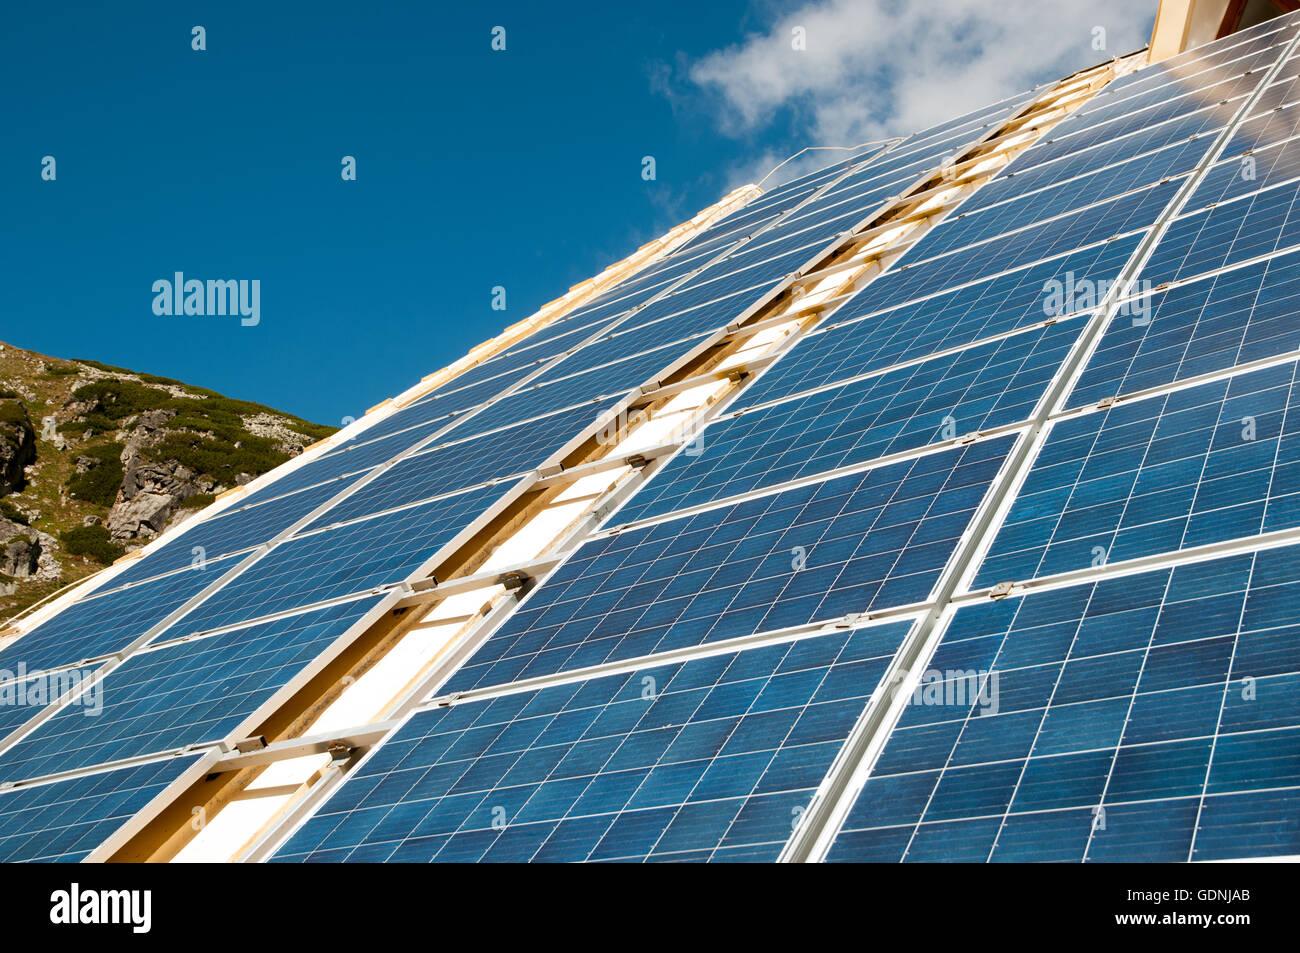 Paneles solares en el techo del edificio Imagen De Stock